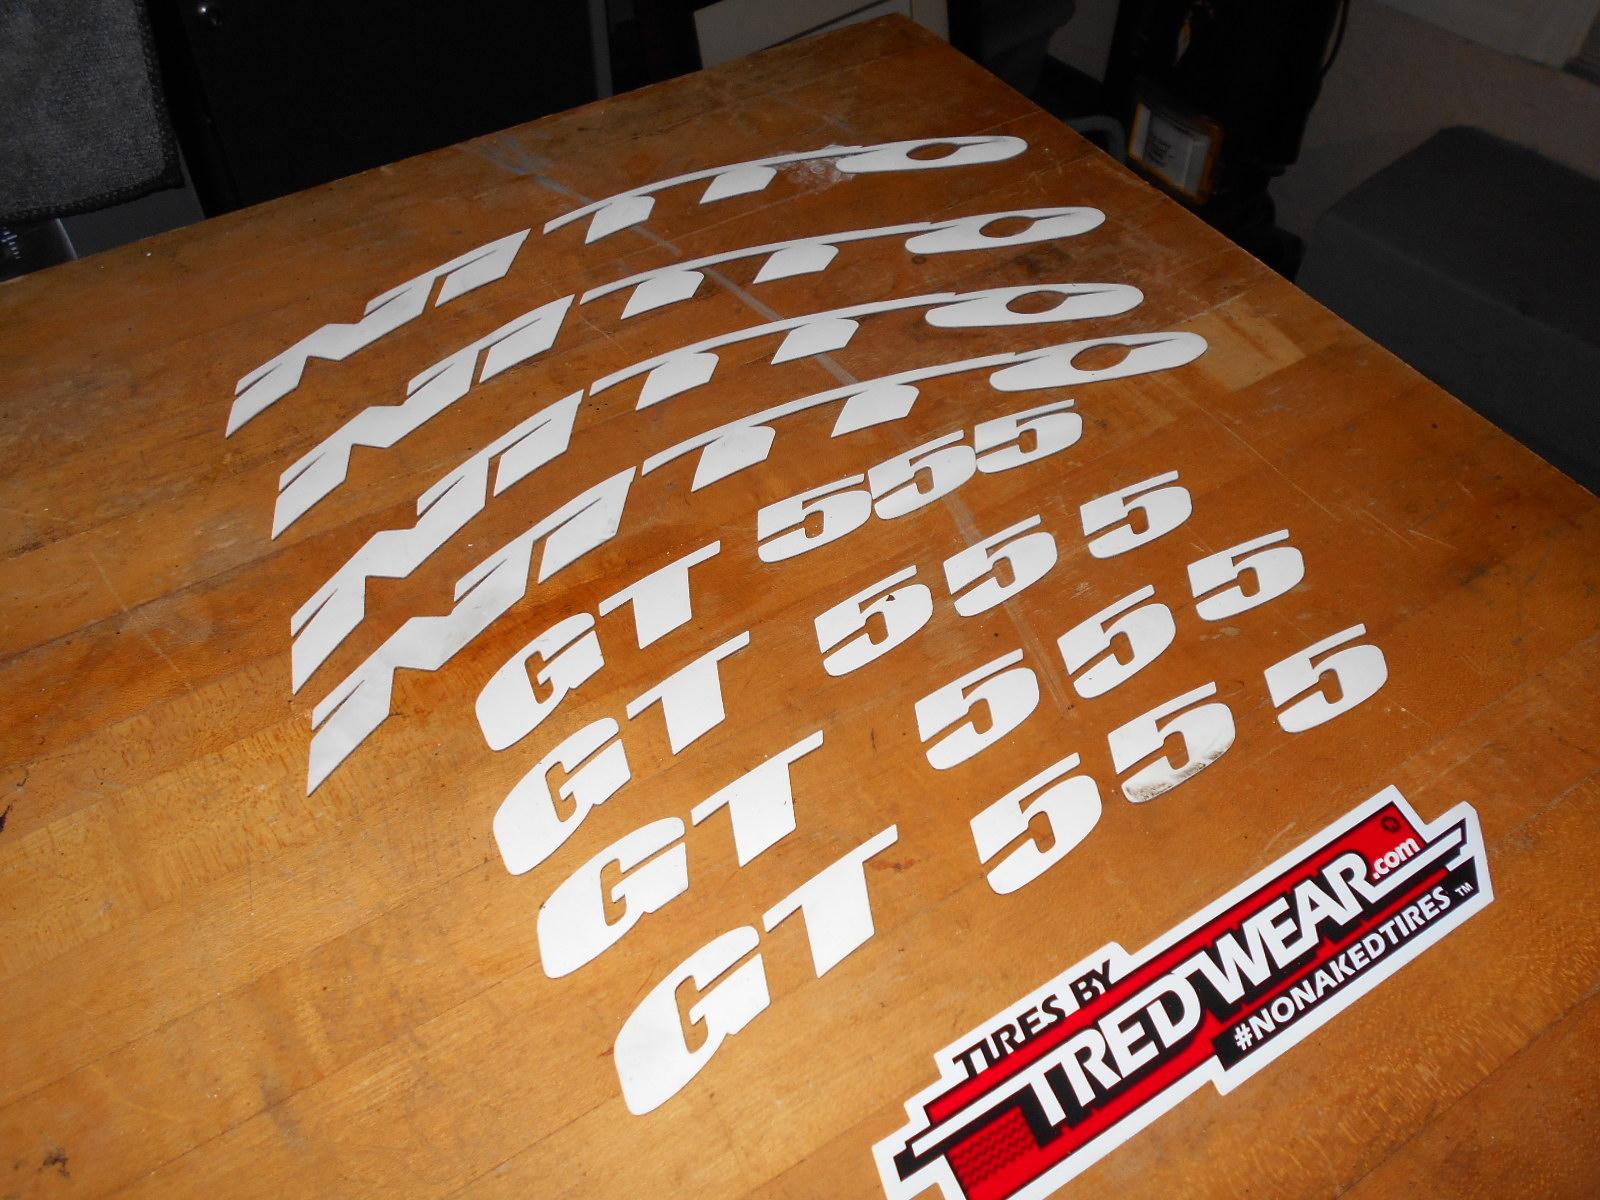 Tire sticker kit from Treadwear